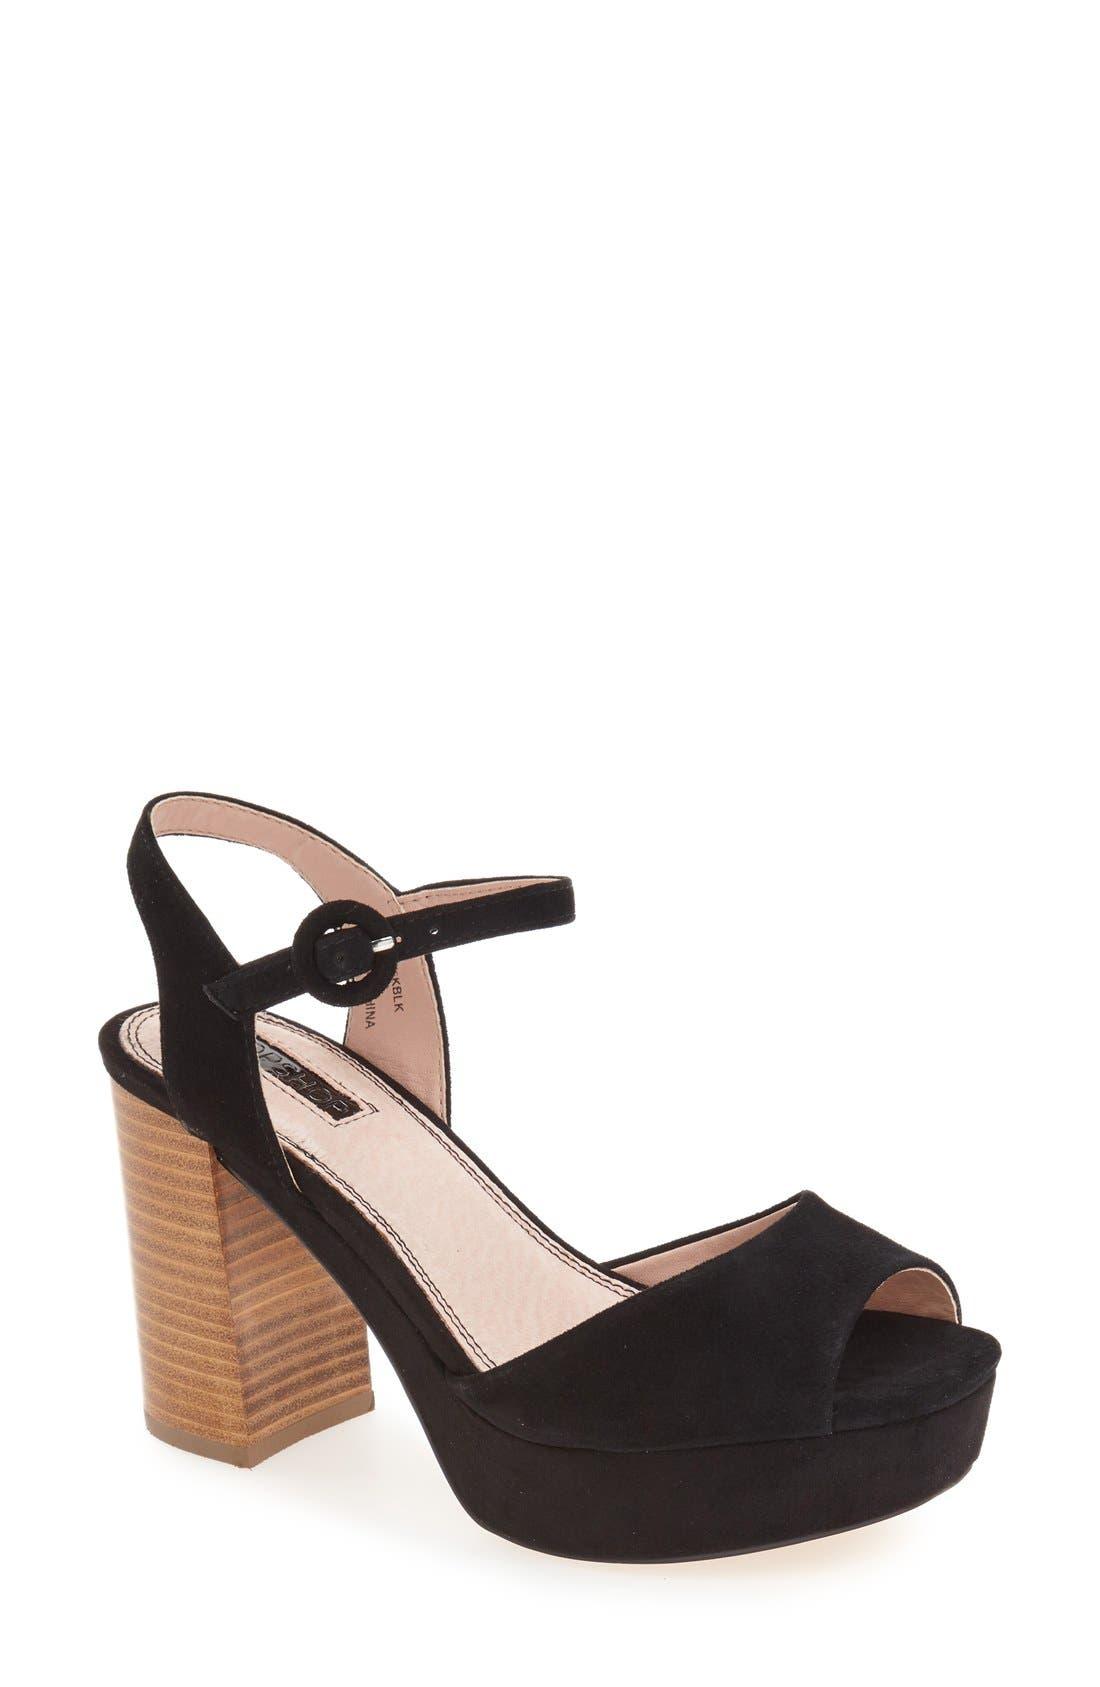 Main Image - Topshop 'Lana' Chunky Platform Sandal (Women)